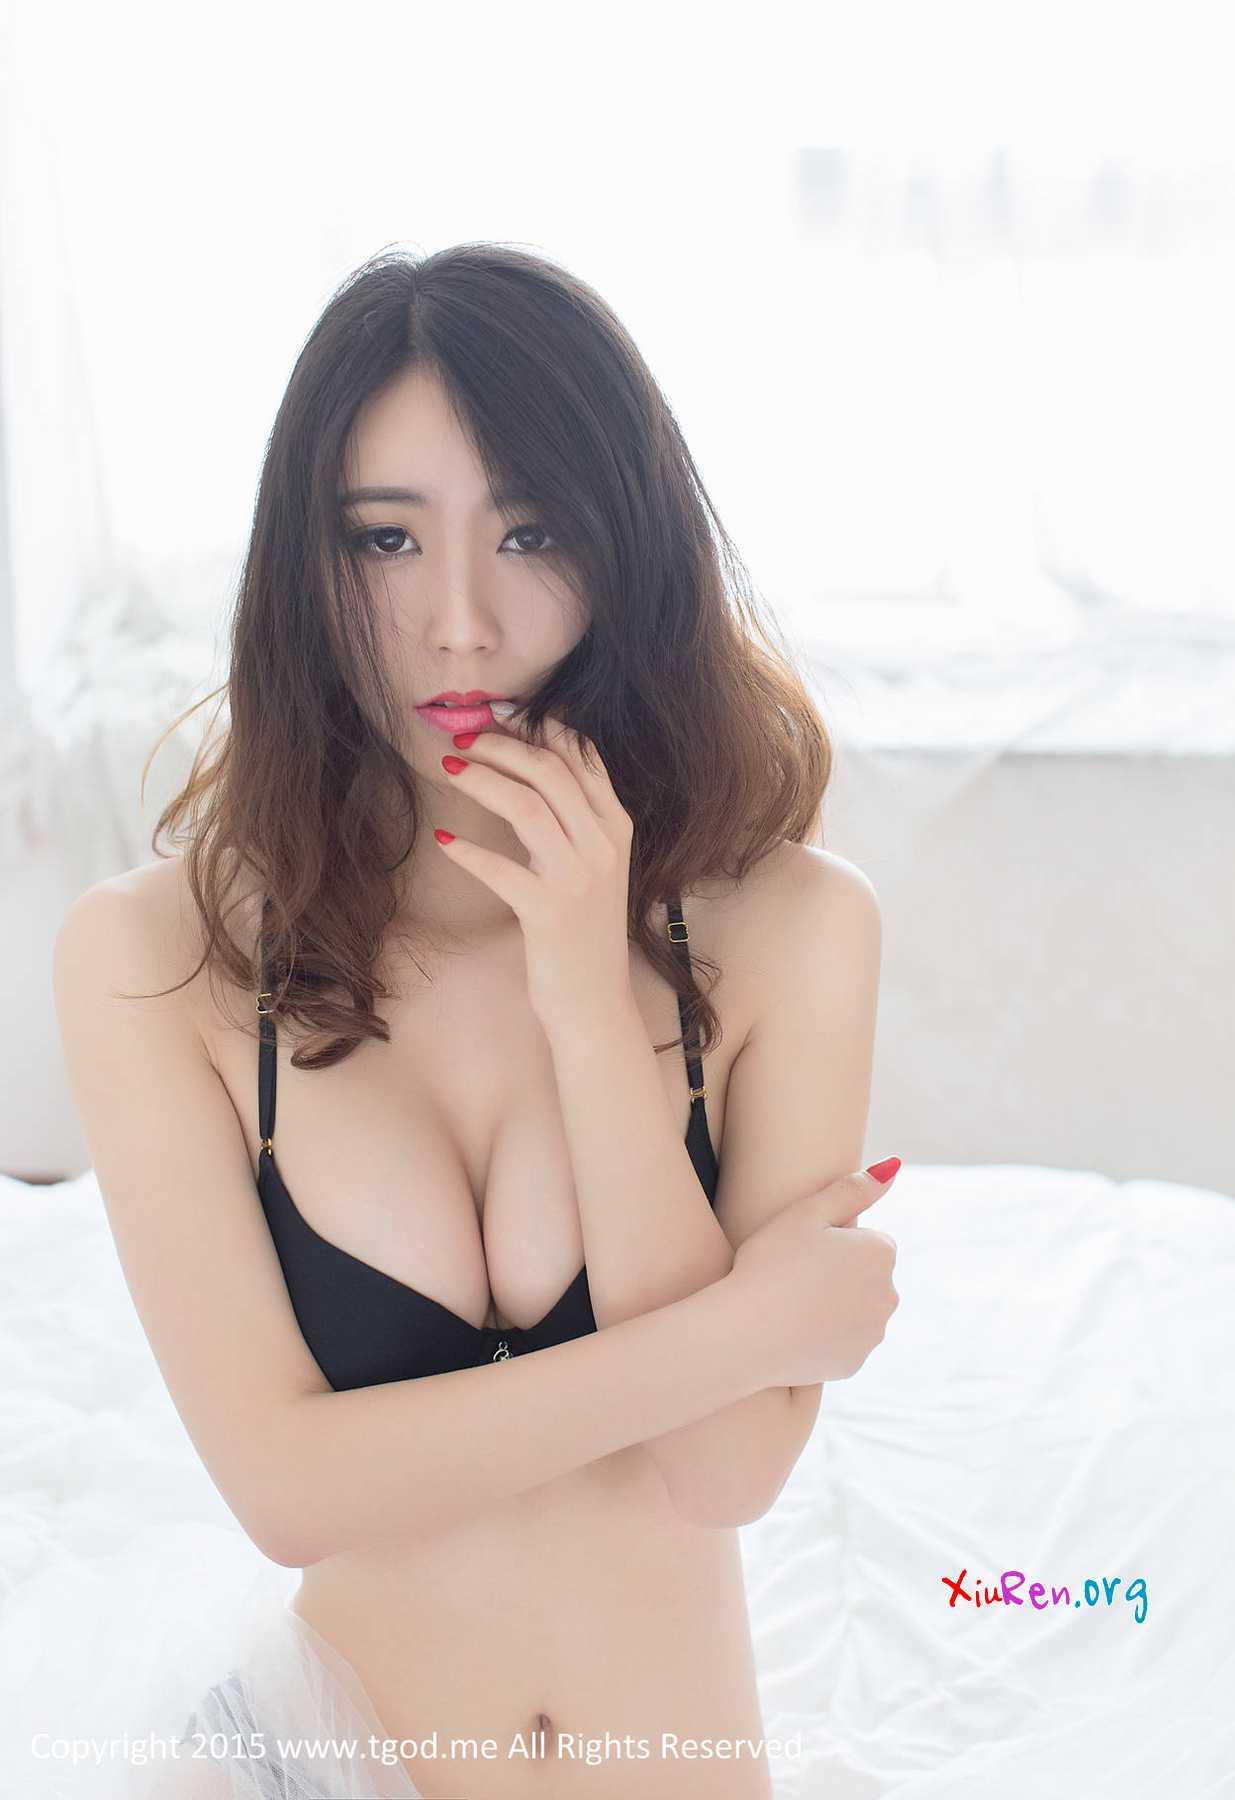 tgod-dengxue-001-025.jpg